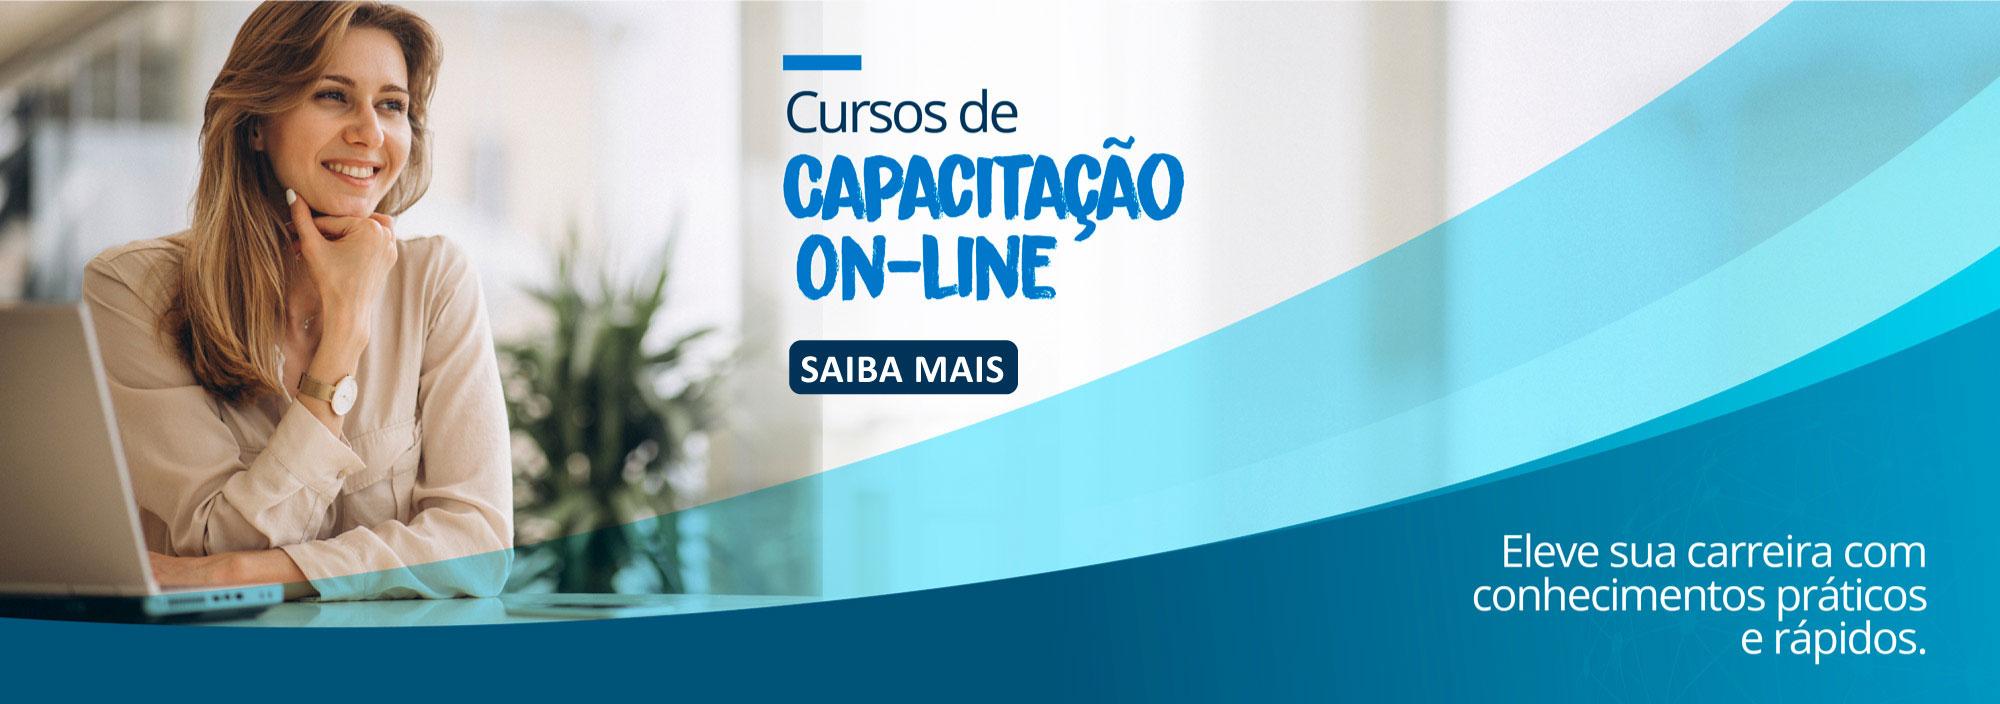 Banner cursos de Capacitação ON-LINE, SAIBA MAIS.